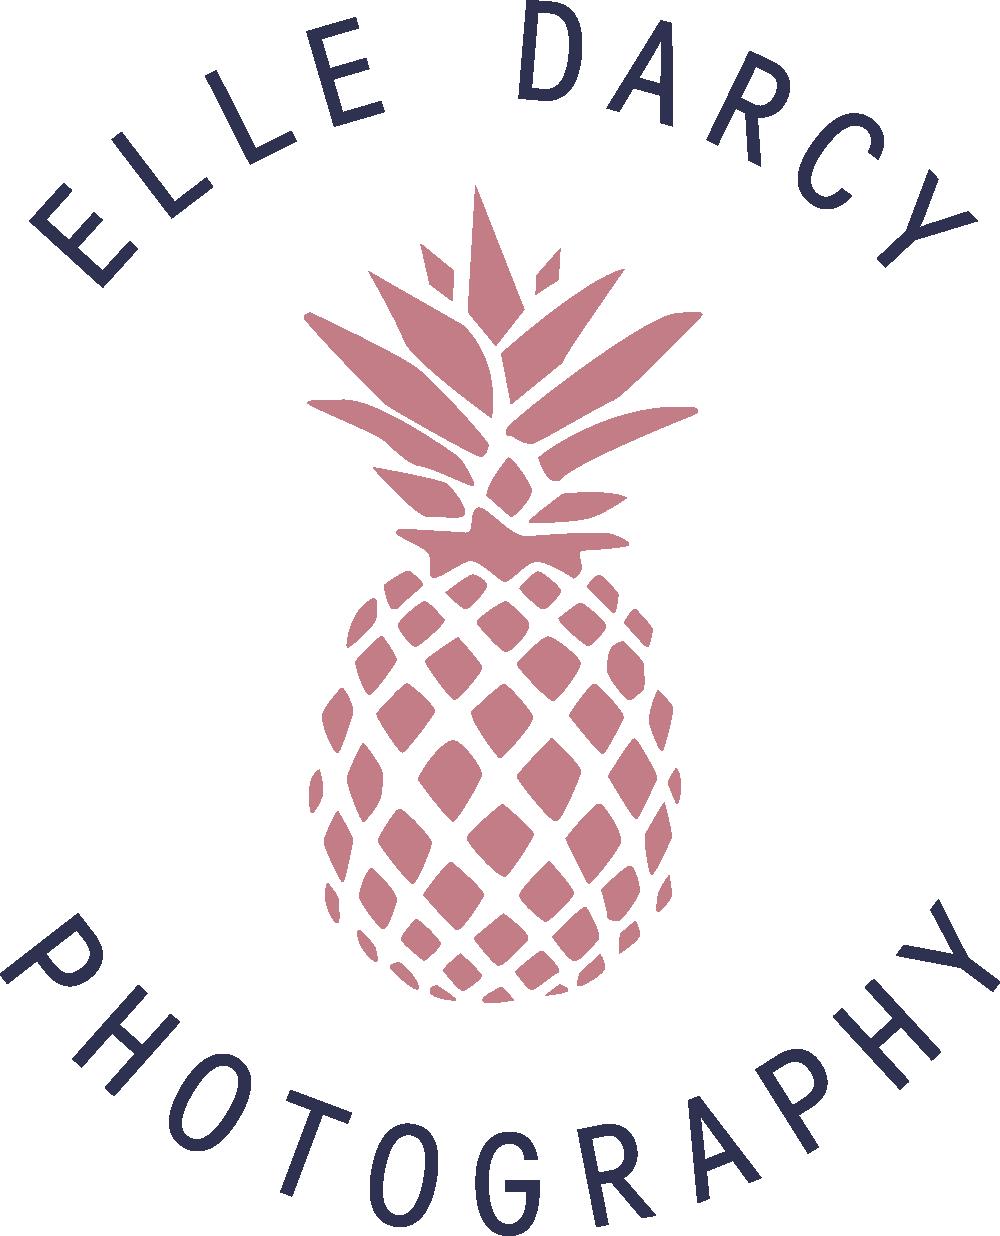 ElleDarcy_Circular_TwoColor.png